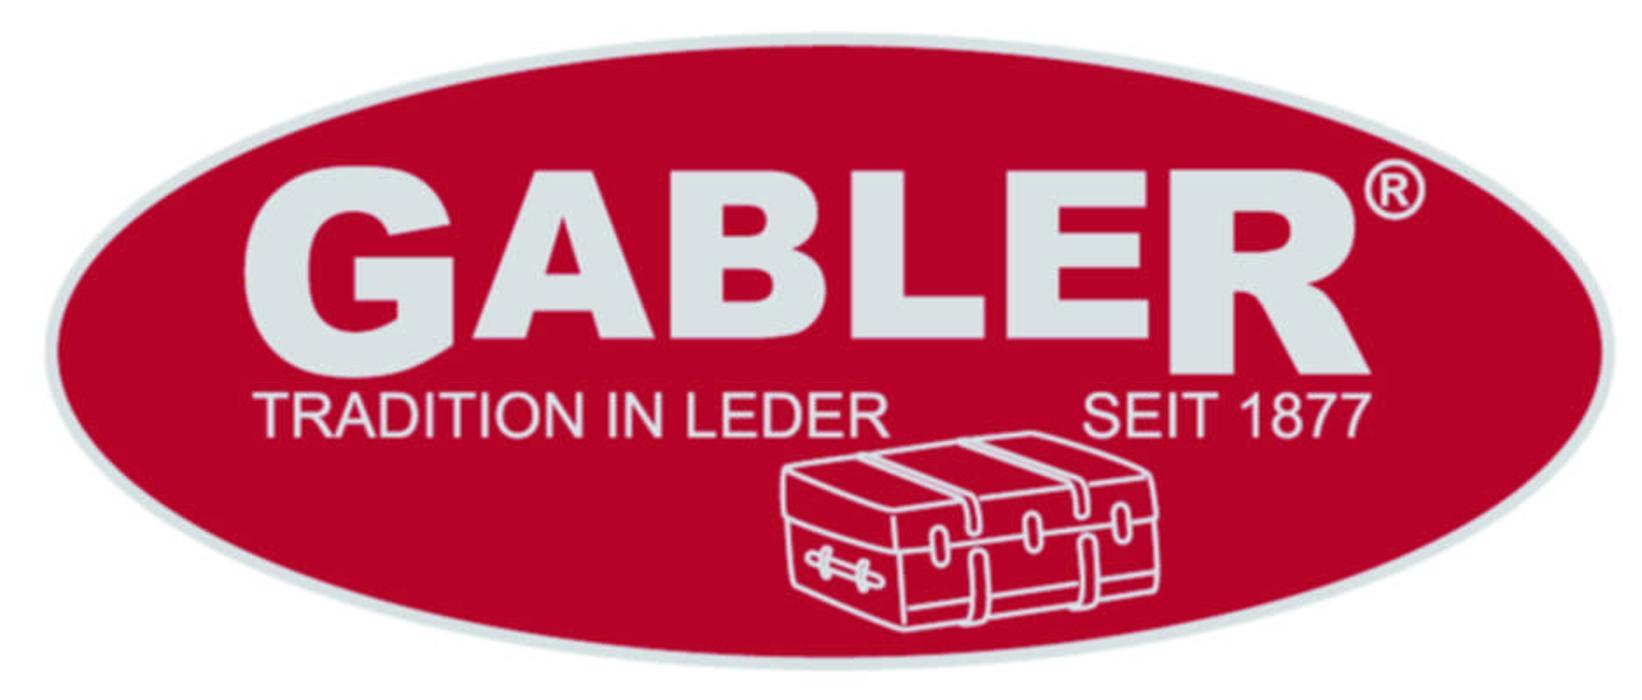 Bild zu Gabler - Tradition in Leder seit 1877 in Frankfurt am Main